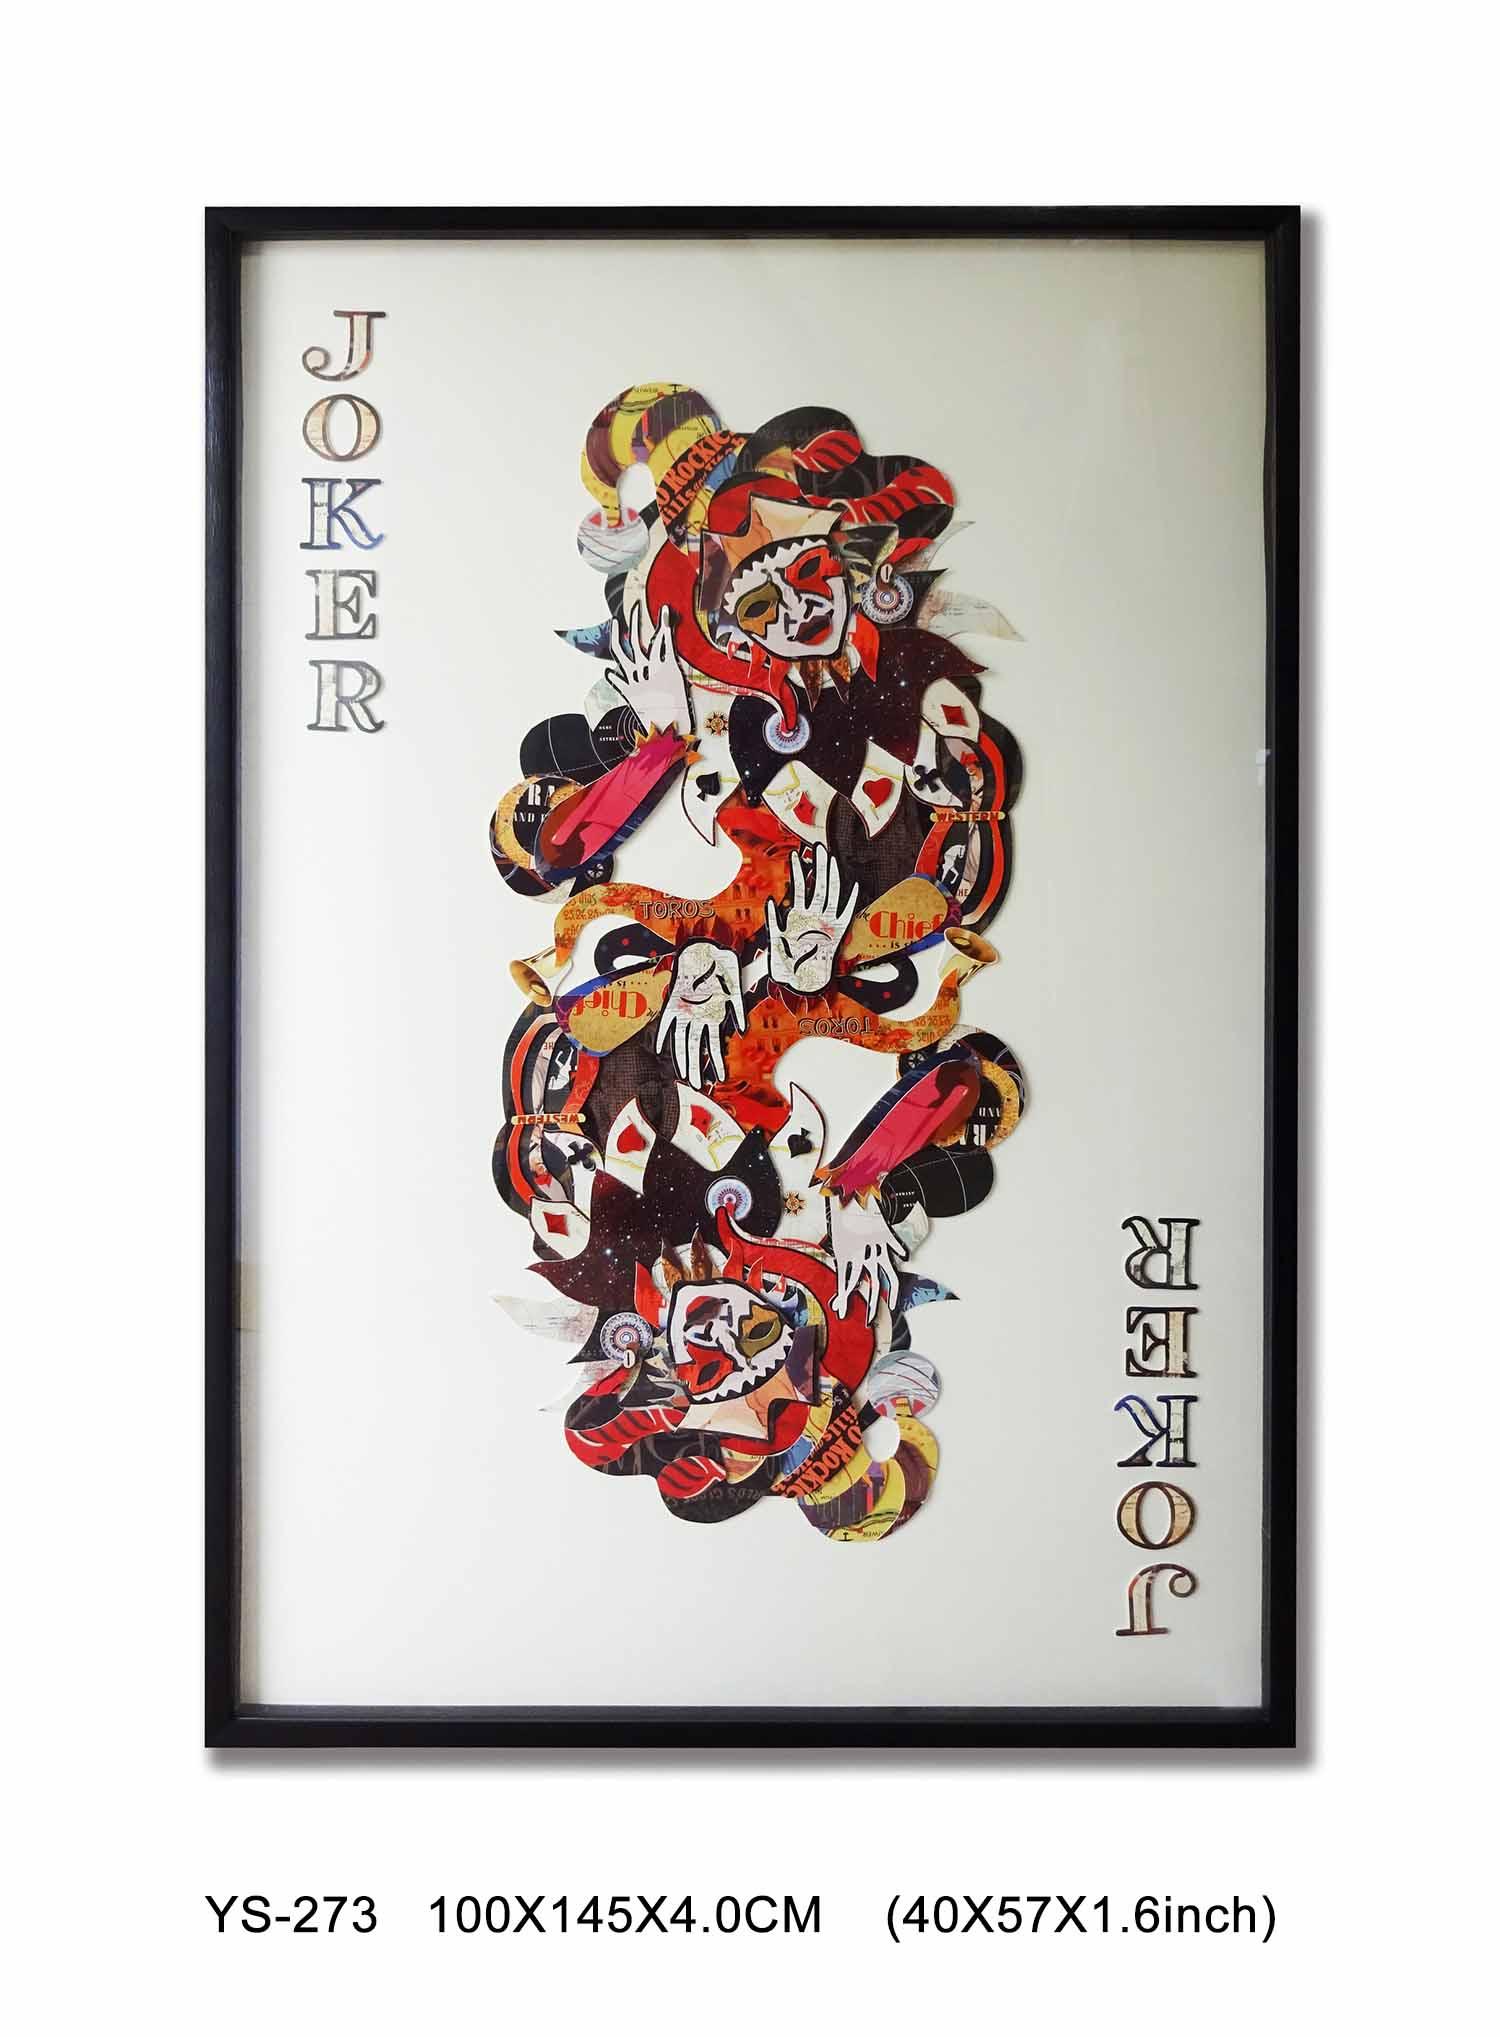 Kolase Dekorasi Dibingkai Seni Dinding Modern Dari Kartu Badut Kertas 3d Karya Seni Poker Oleh Item Tidak Ada Ys 273 Buy Collage Seni 3d Kertas Karya Seni Poker Product On Alibaba Com